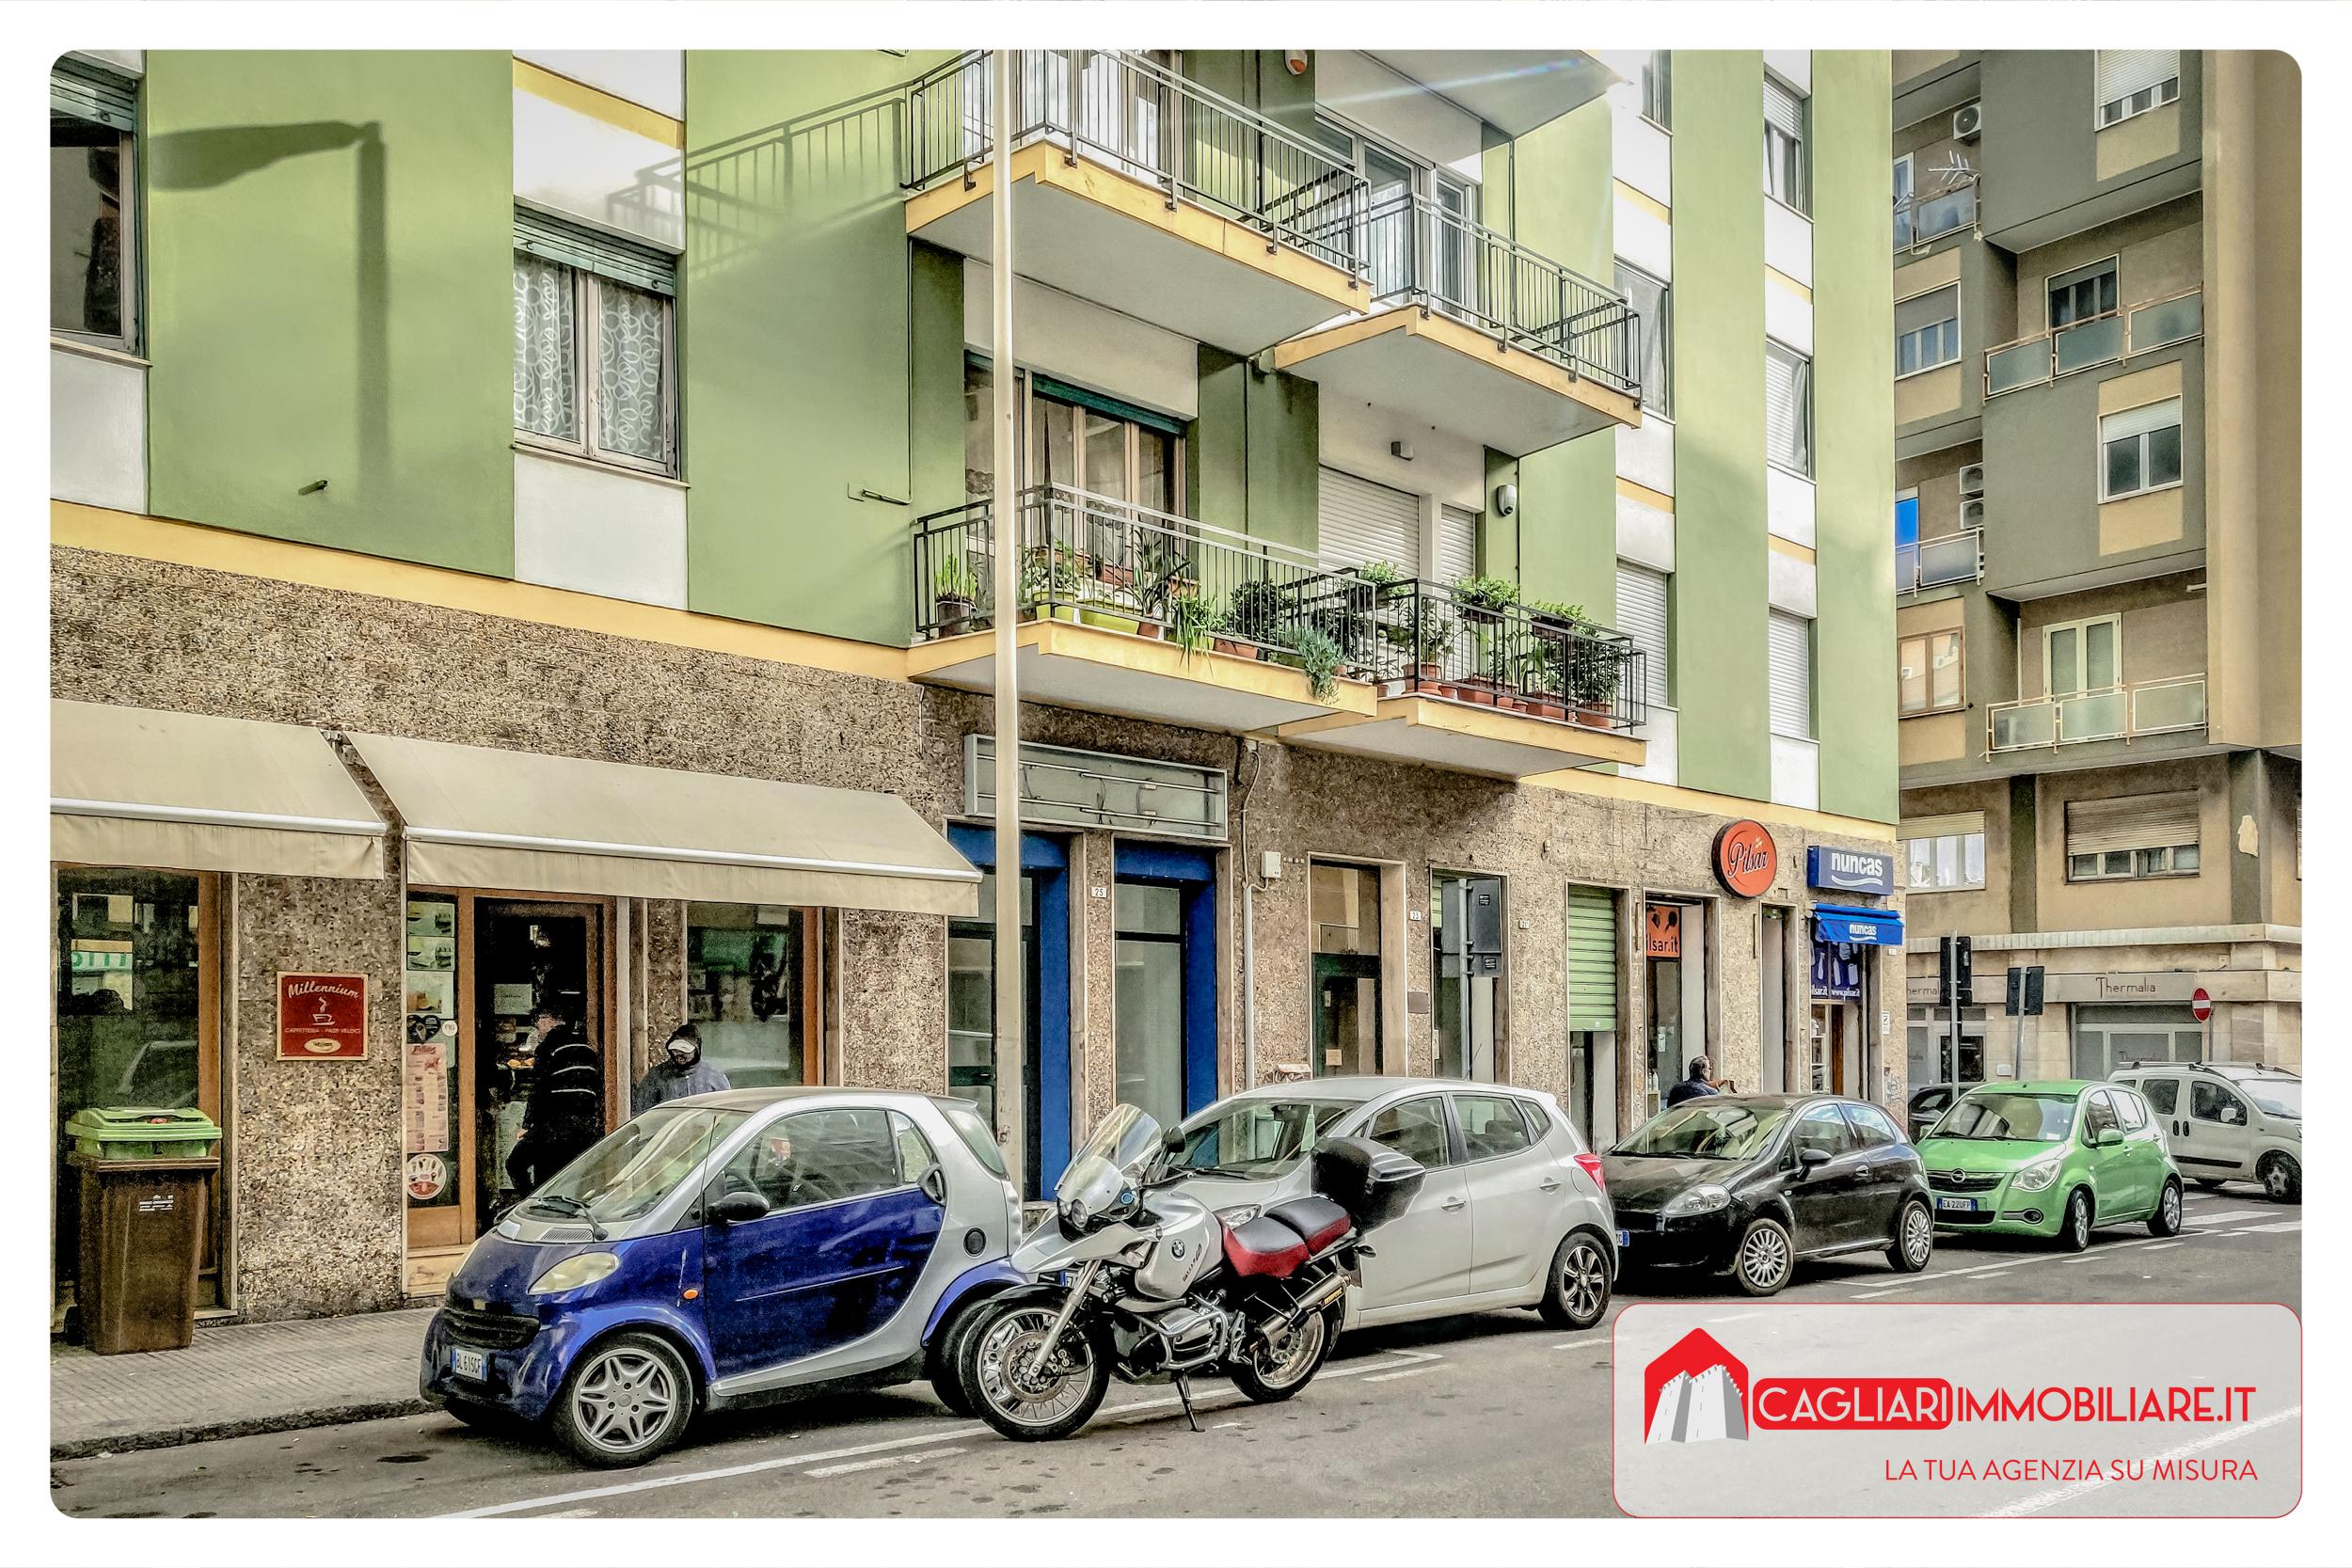 Locale commerciale Via Cavaro